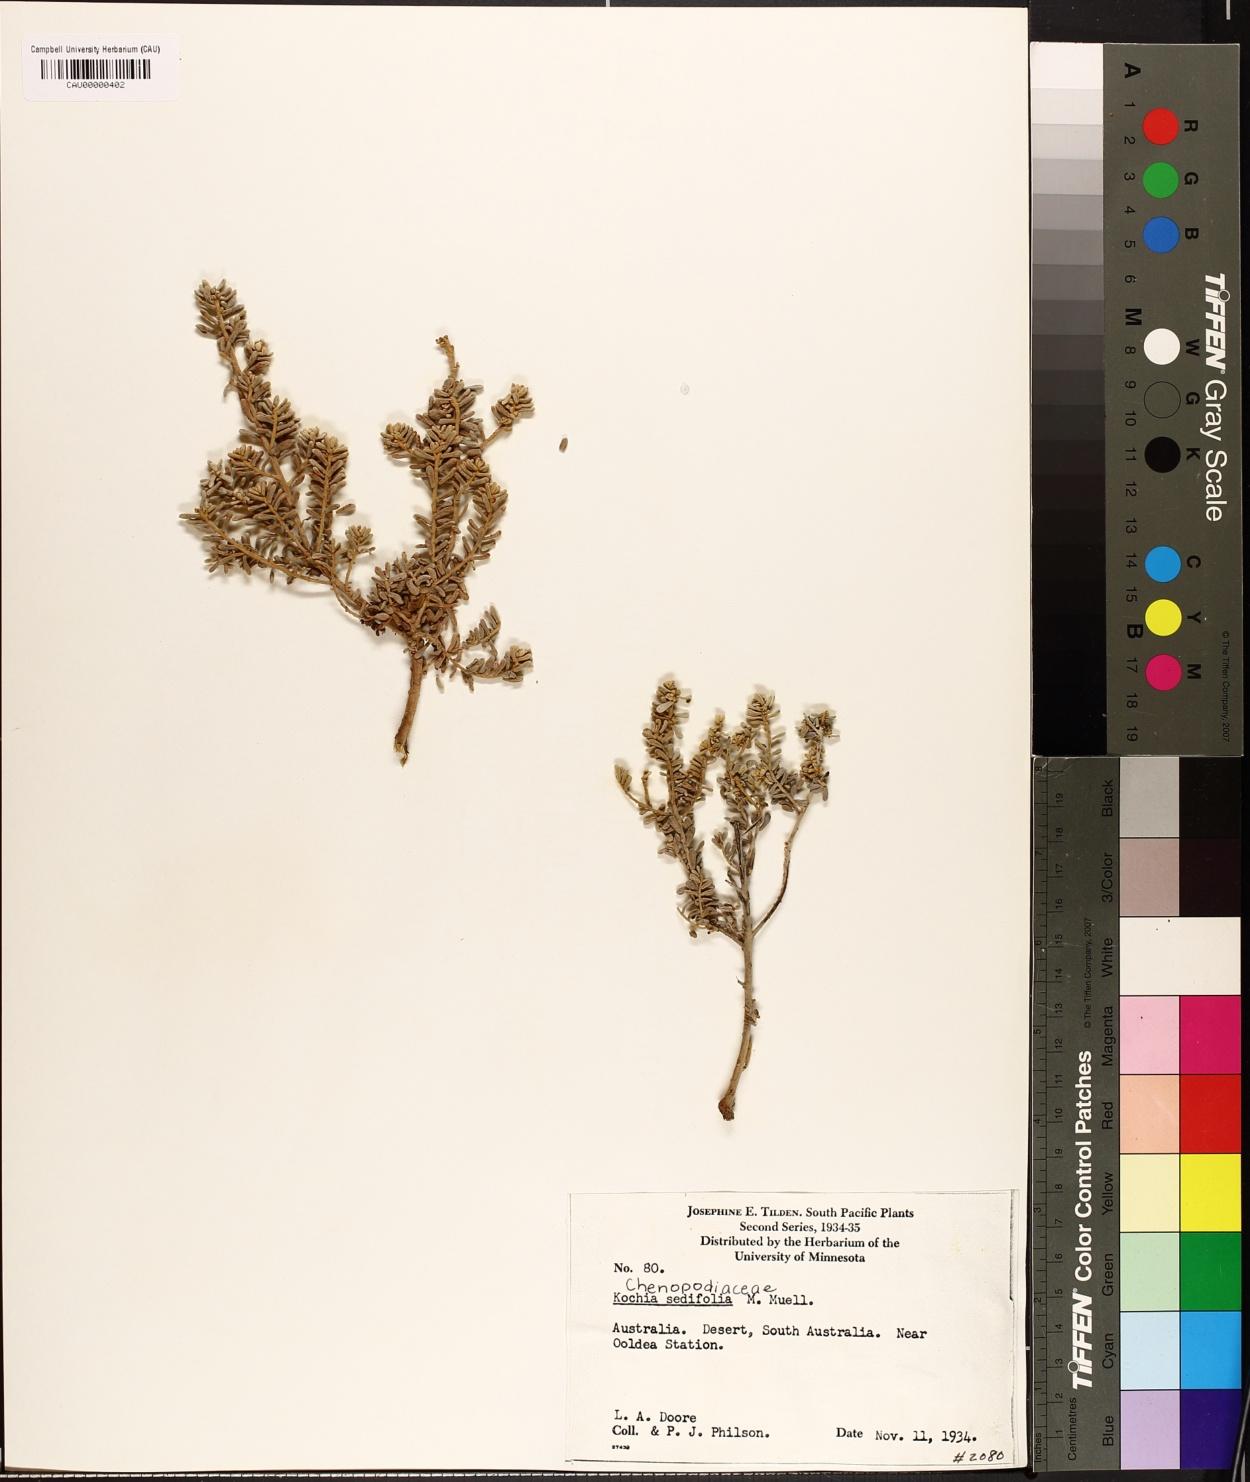 Kochia sedifolia image